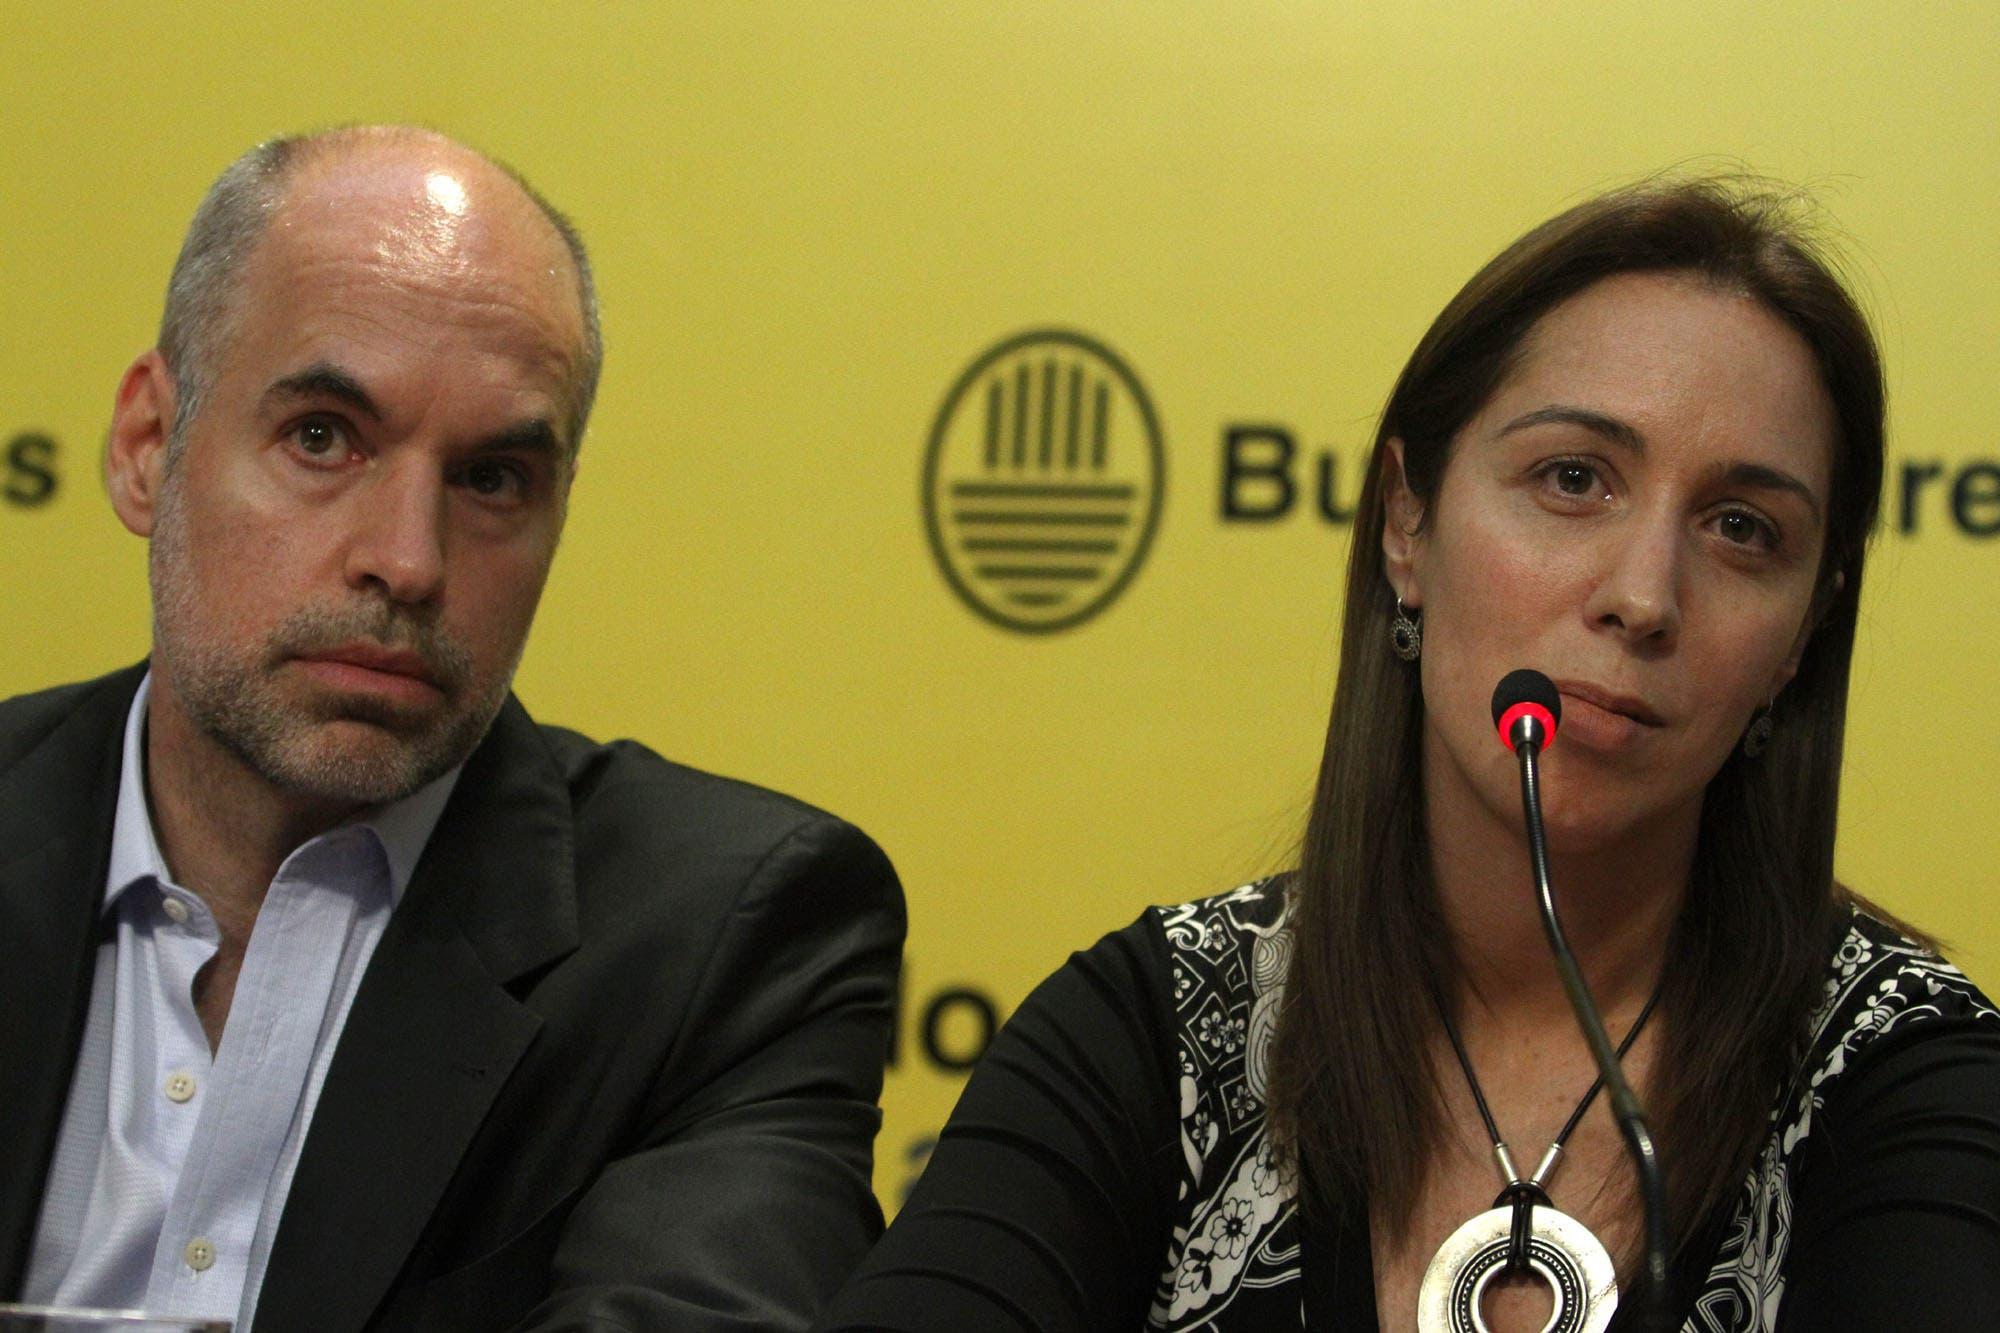 Freno en dos distritos clave: Horacio Rodríguez Larreta y María Eugenia Vidal rechazan suspender las PASO en la ciudad y la provincia de Buenos Aires